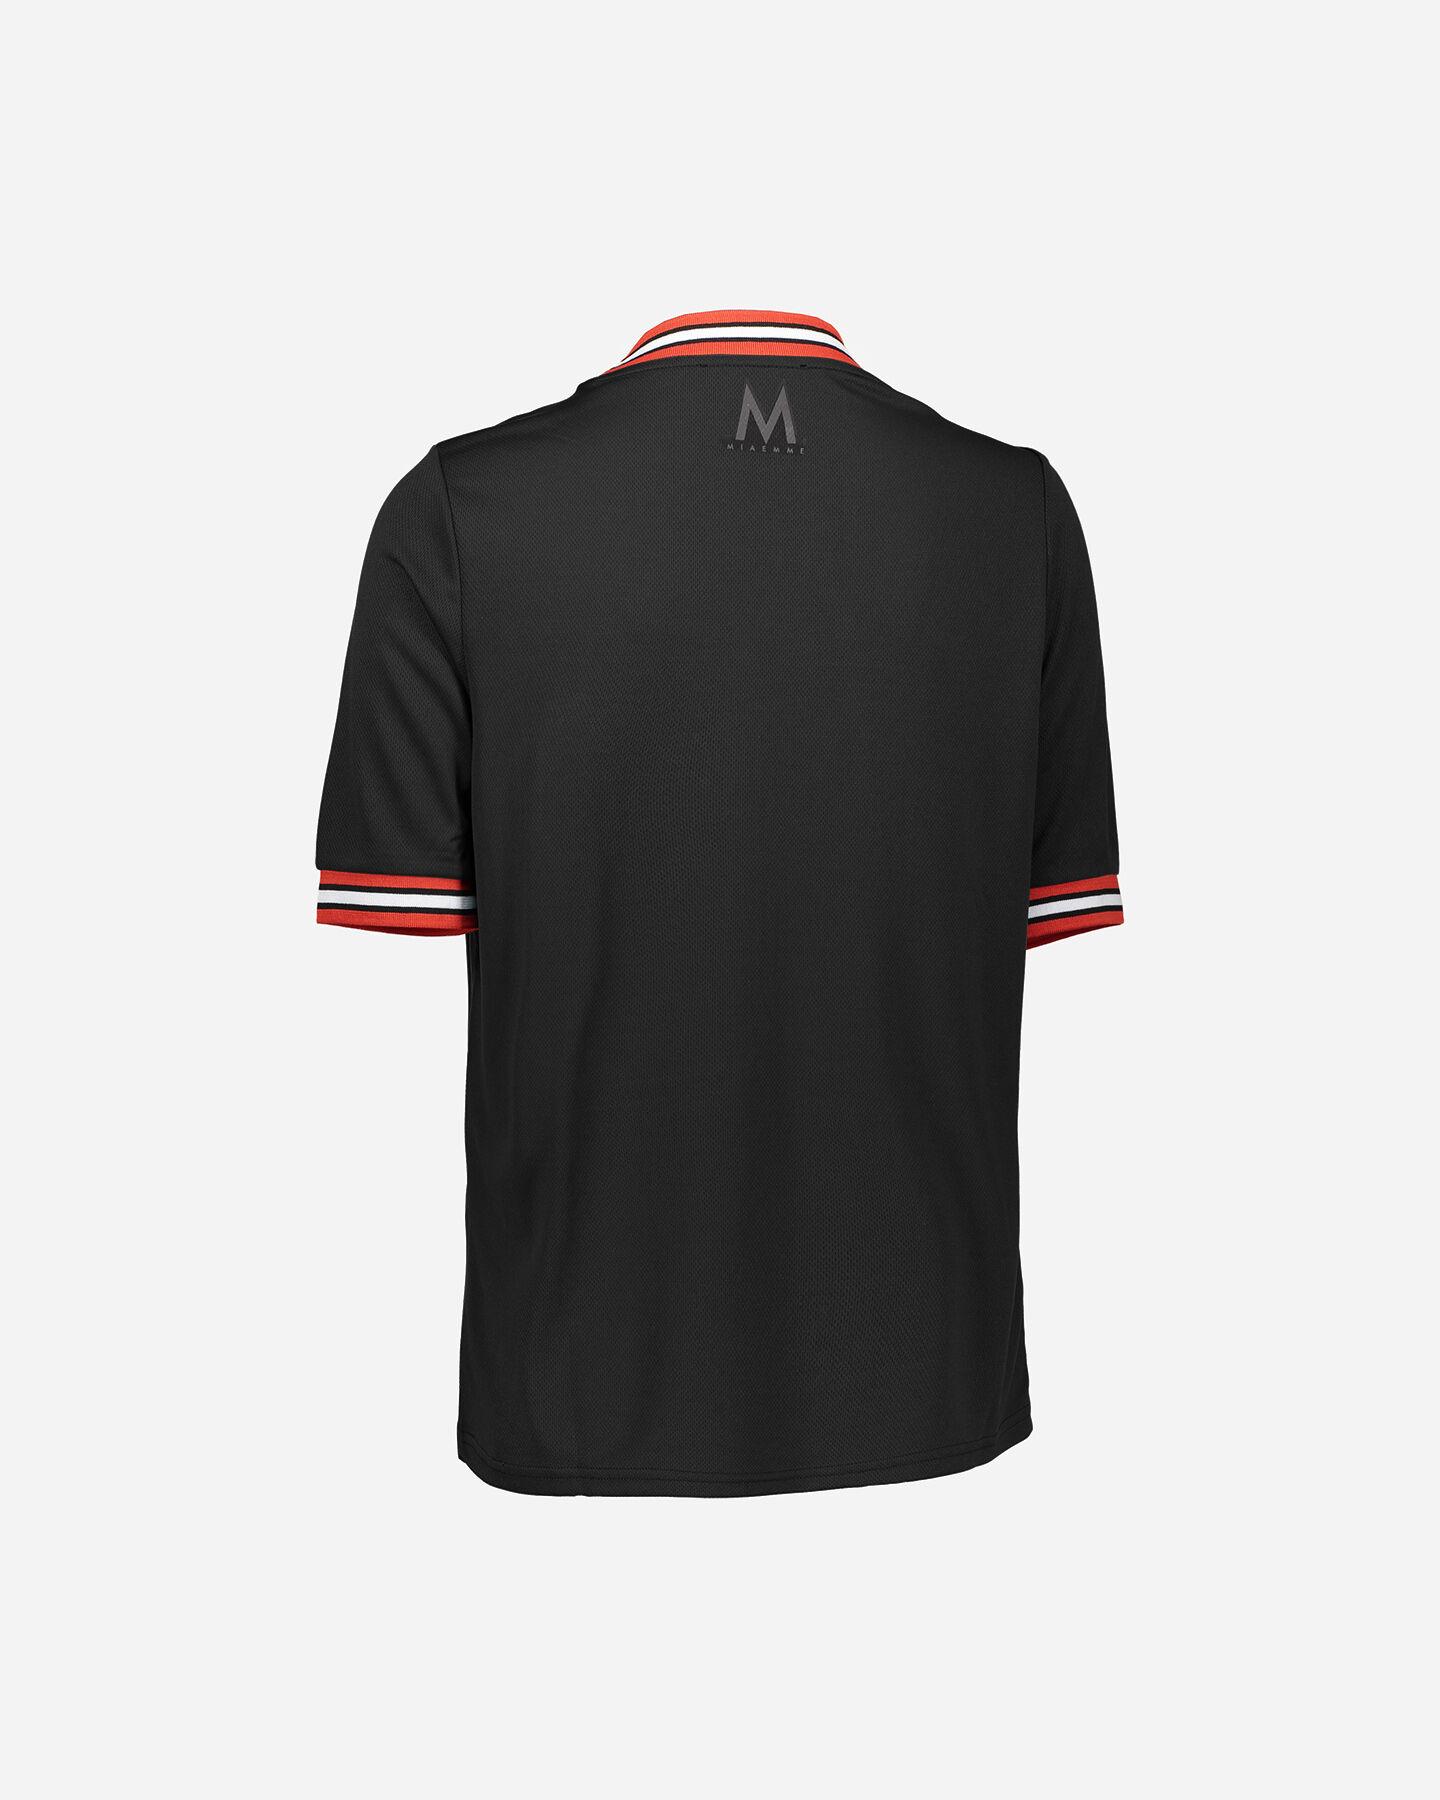 T-Shirt MIA M BASKET W S4067069 scatto 1